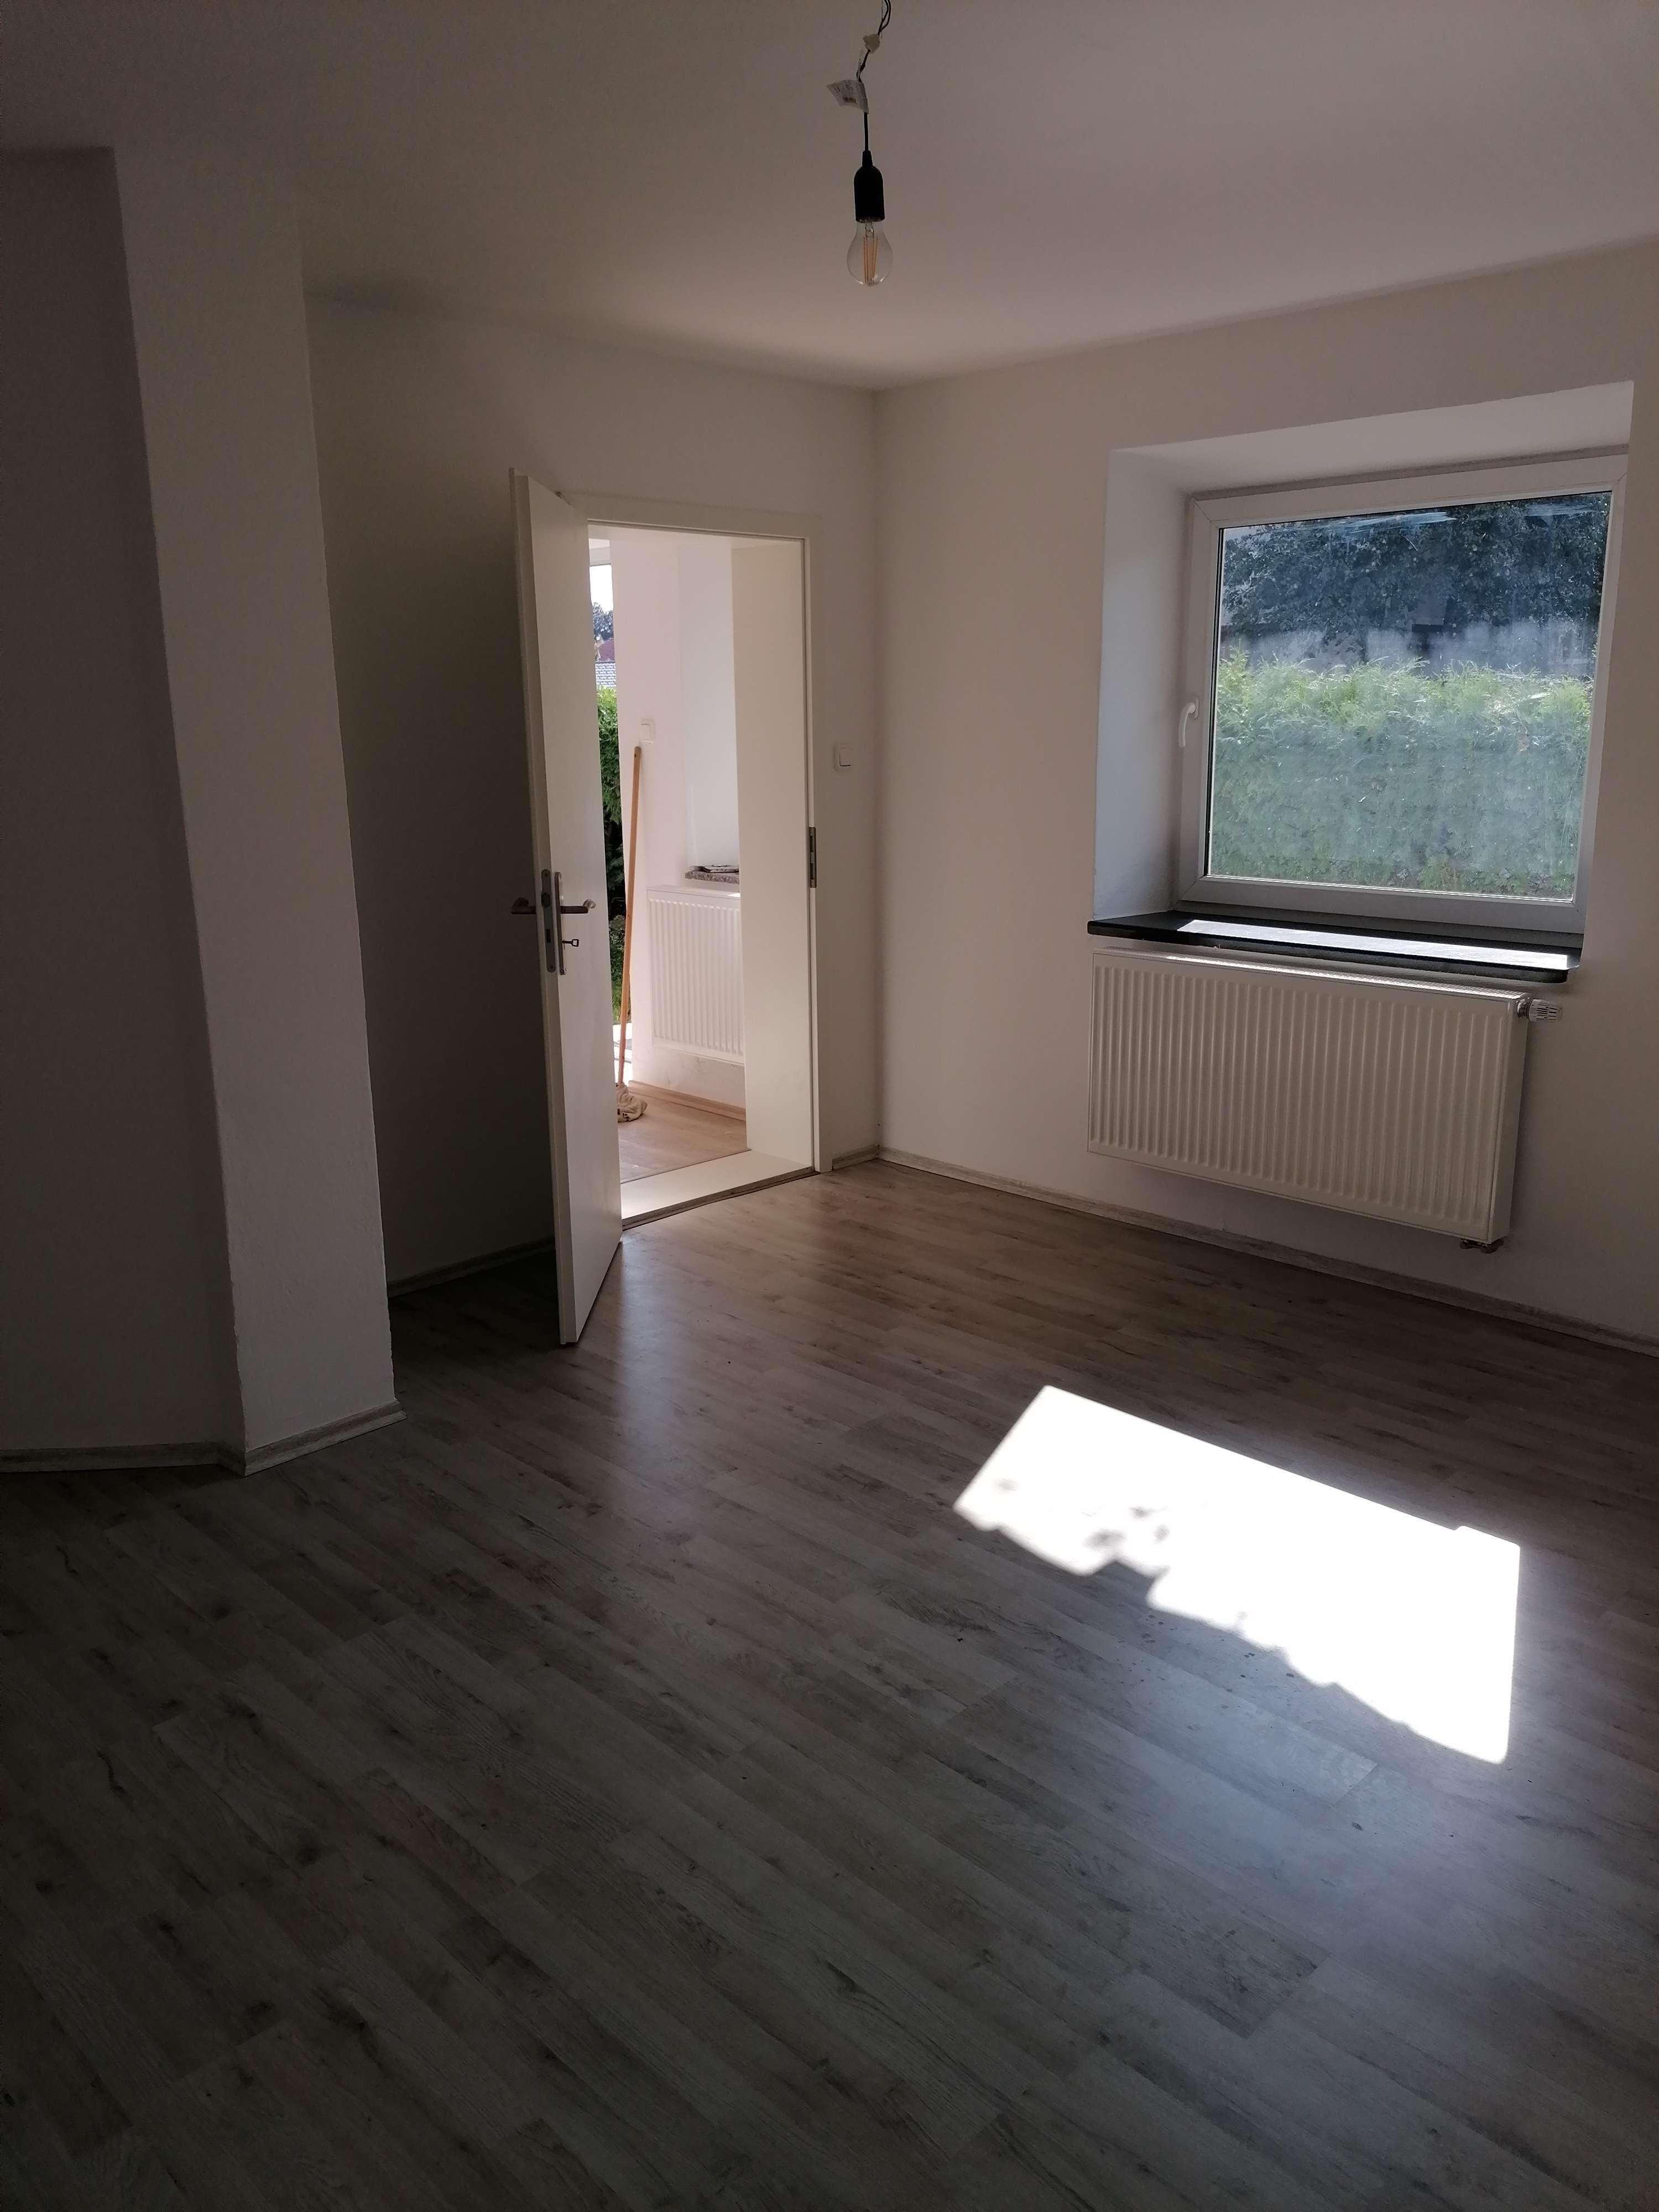 Schöne sanierte 3,5-Zimmer-Wohnung mit 2 PKW-Stellplätzen in Stephanskirchen in